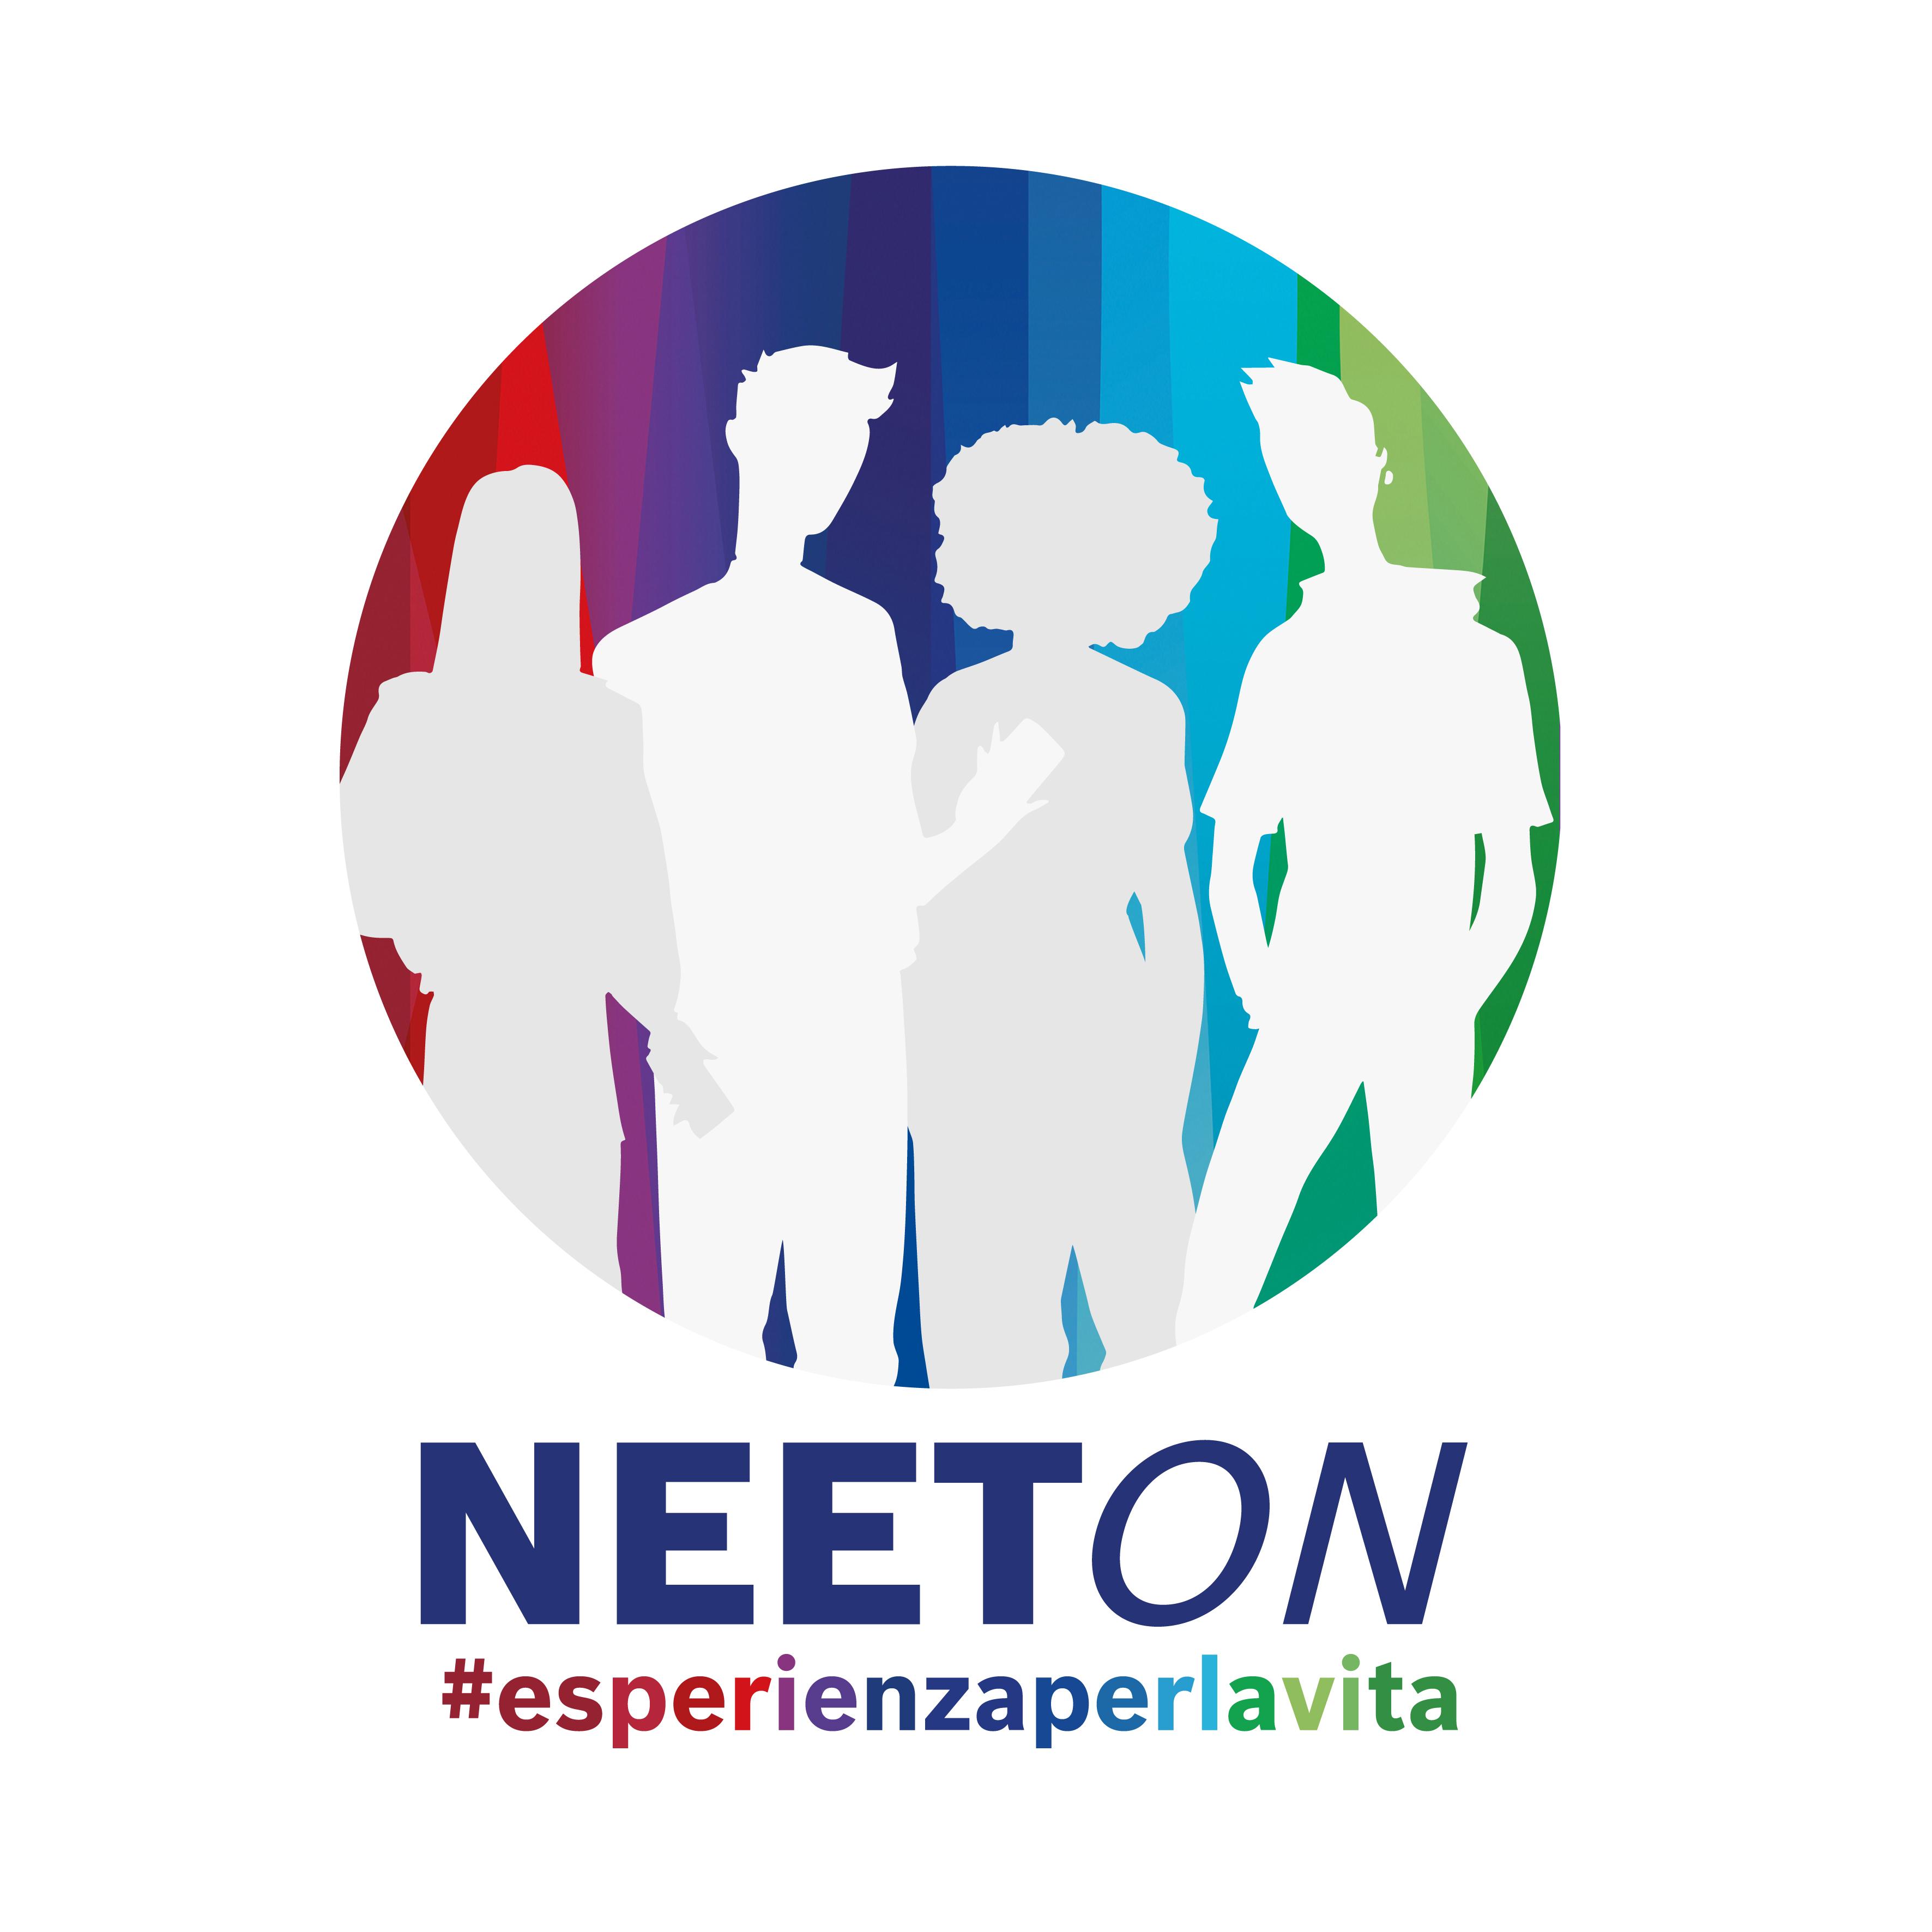 NEETON riparte sul web